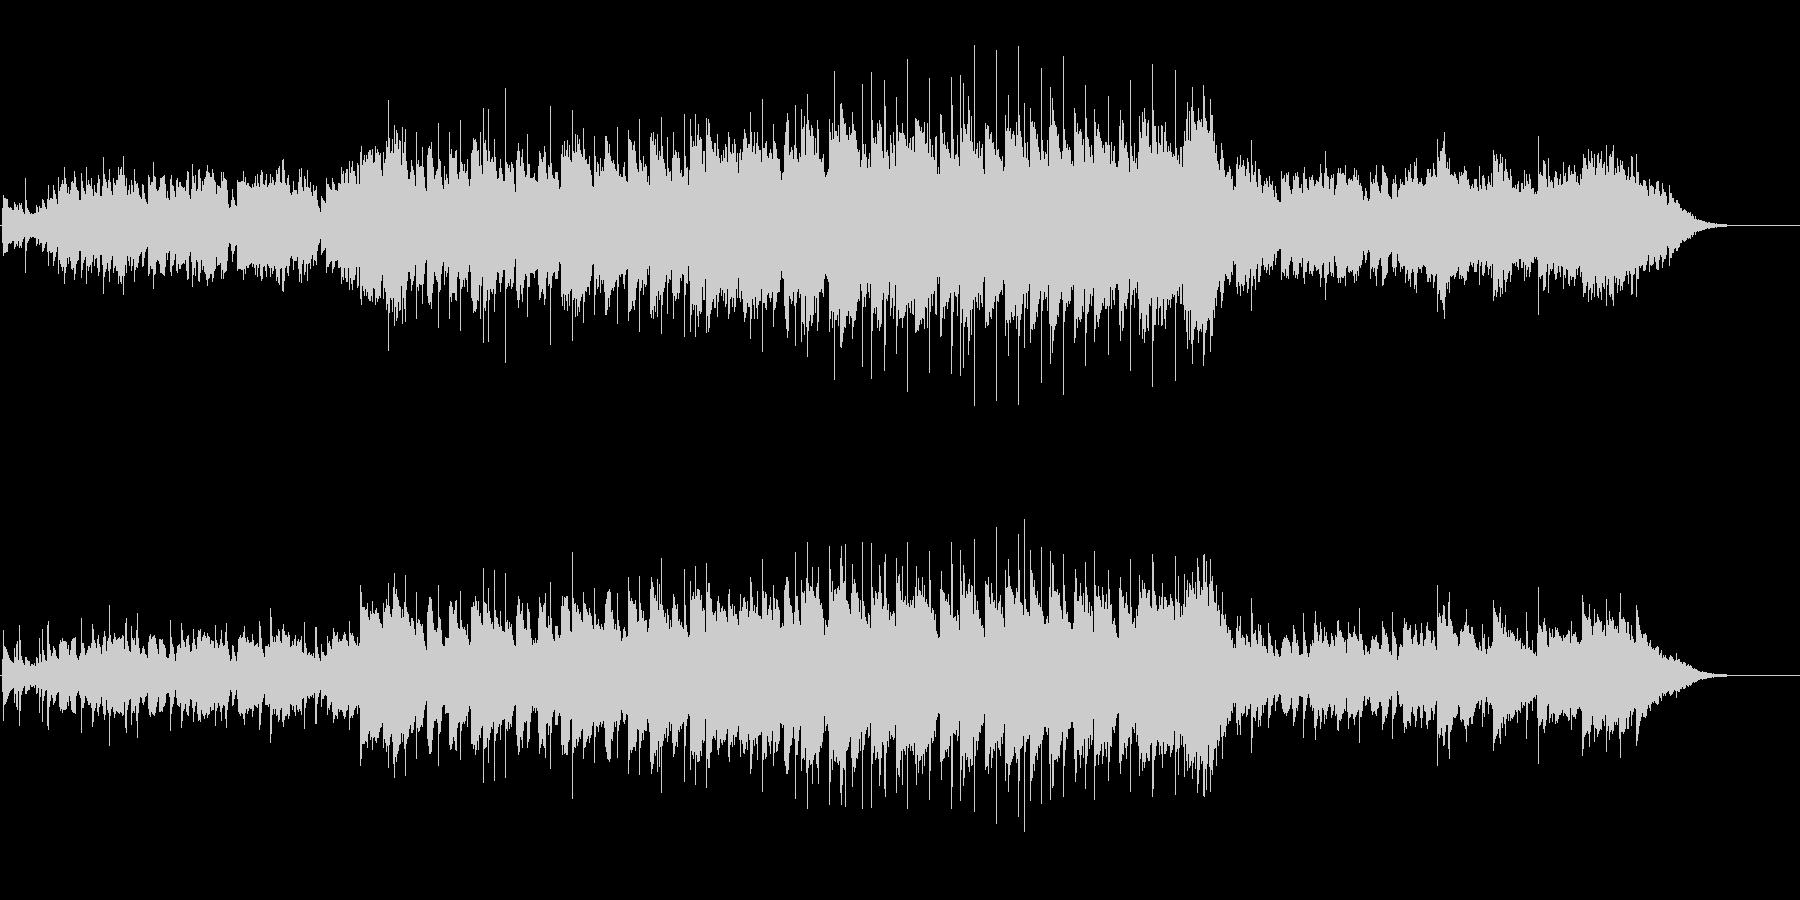 メランコリーなポップ・バラードの未再生の波形